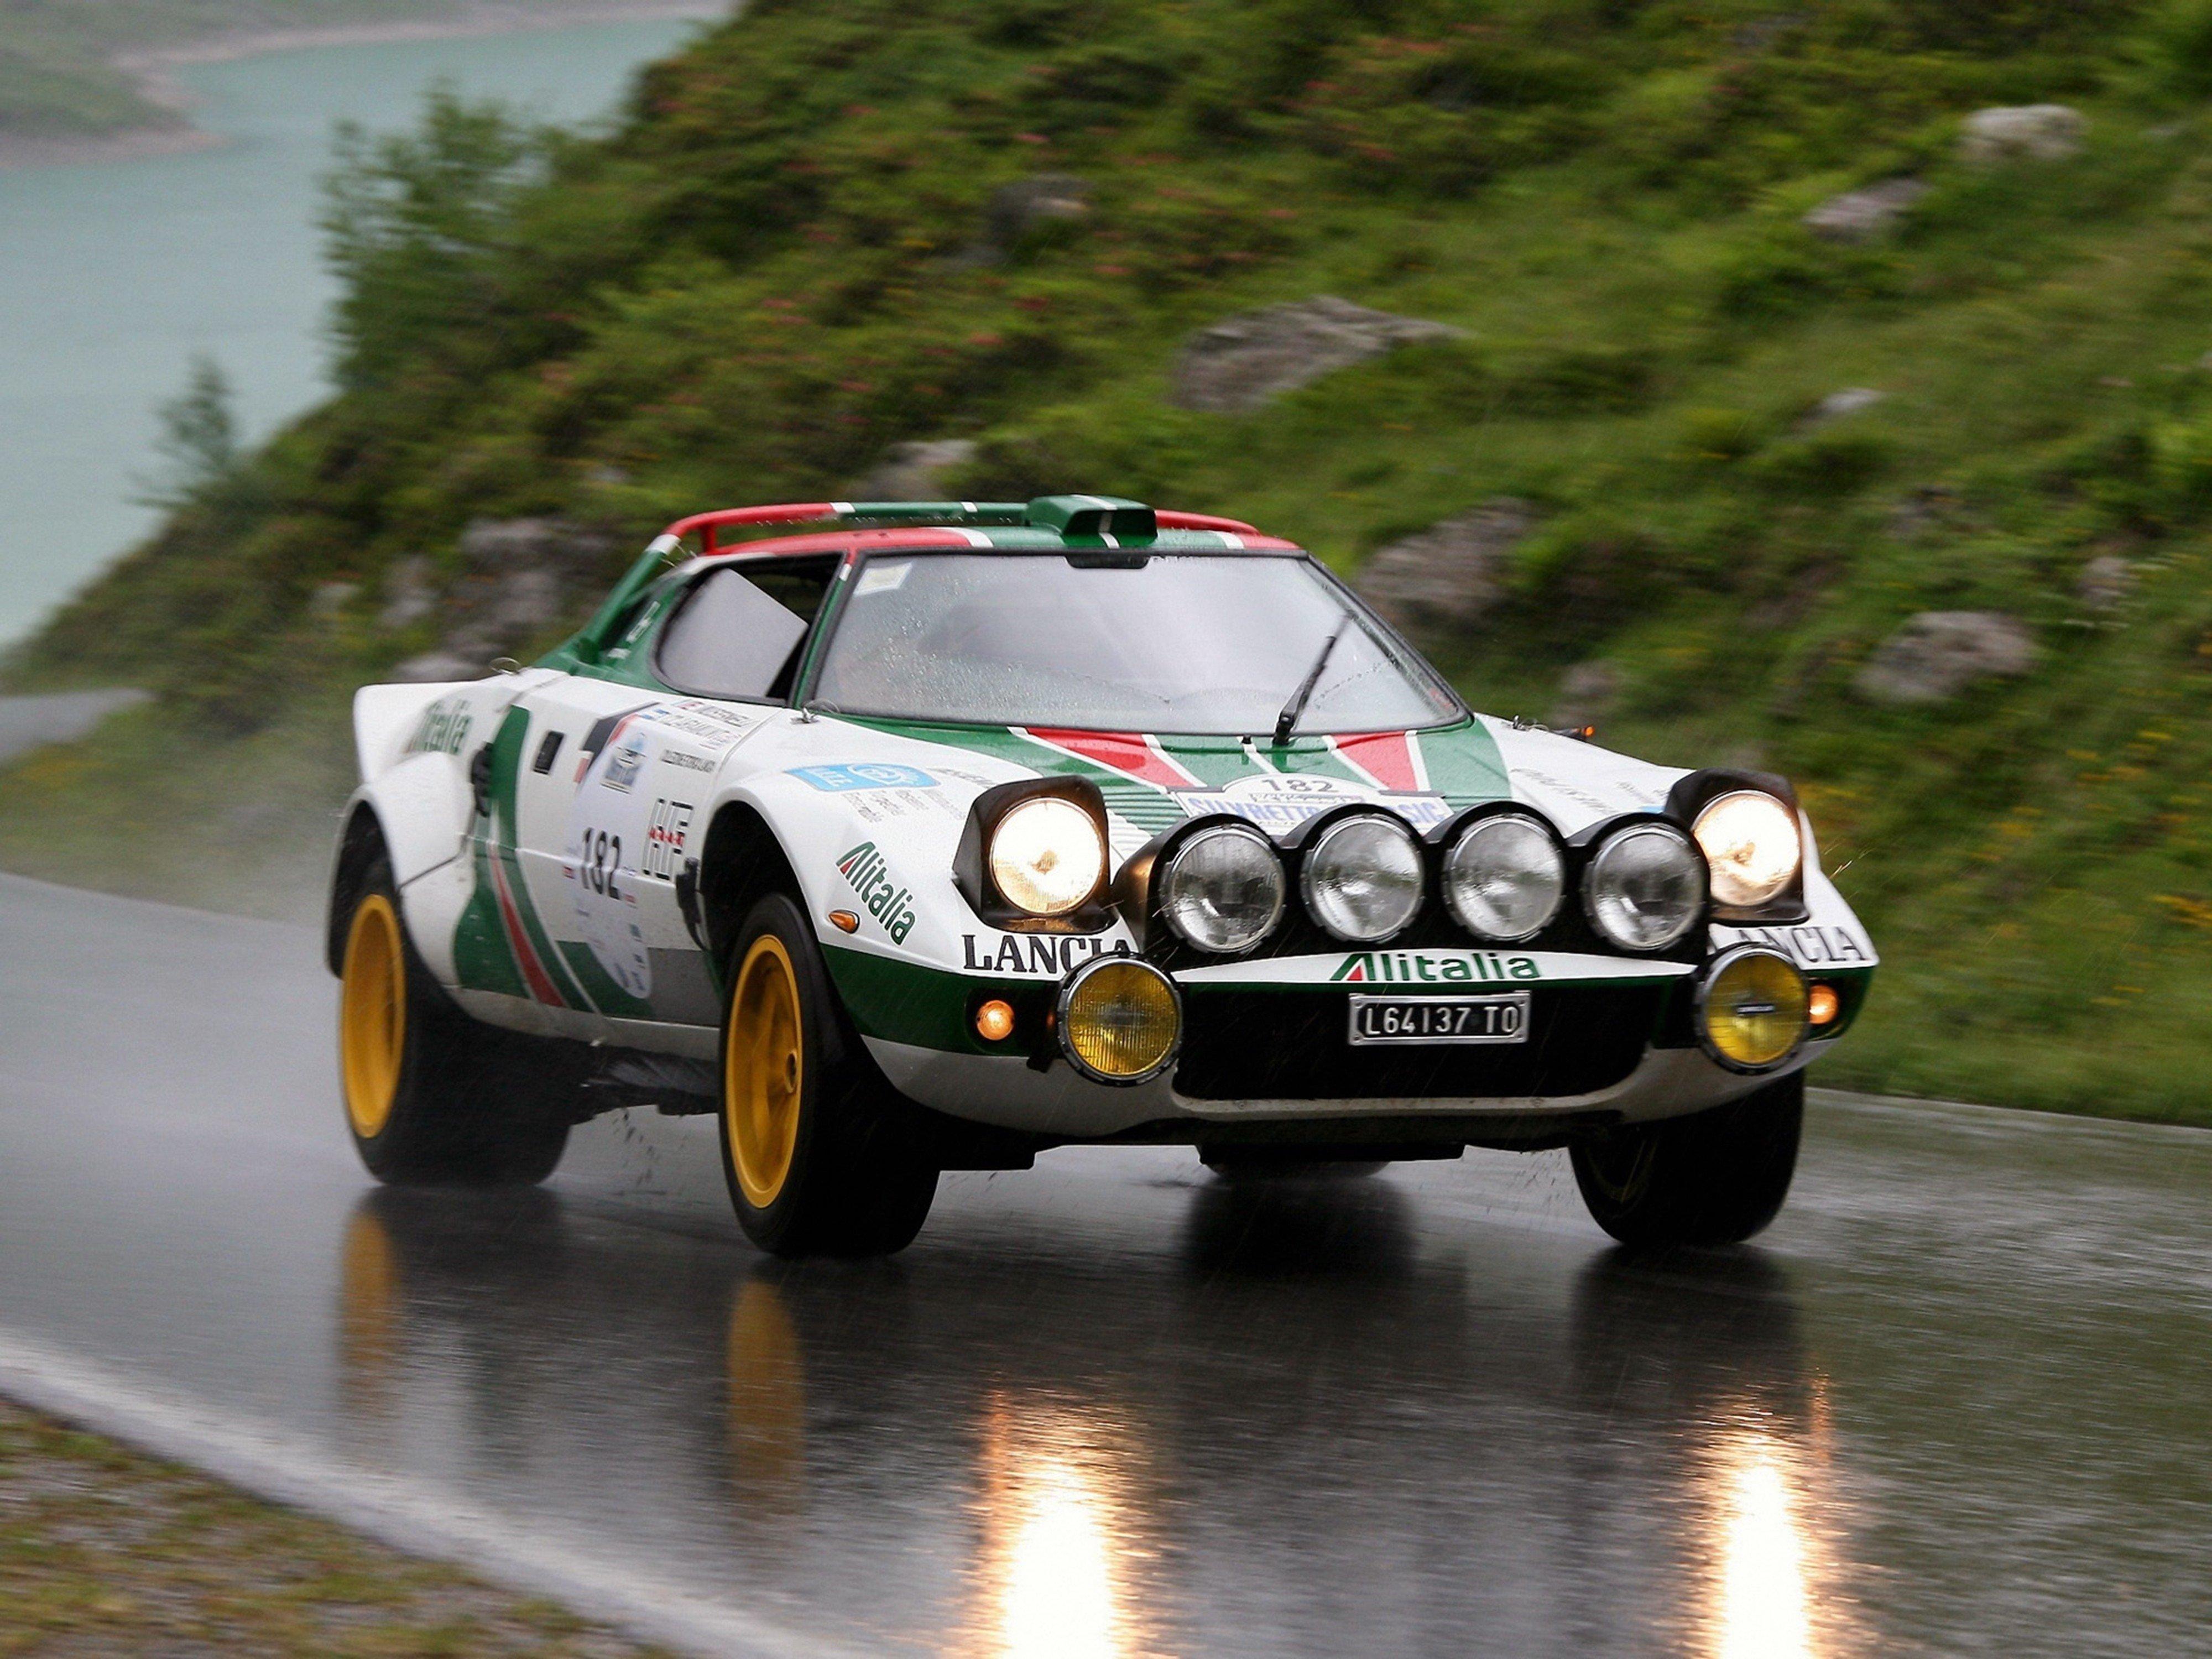 Lancia Stratos Group Race Car Racing Italy Supercar Rally